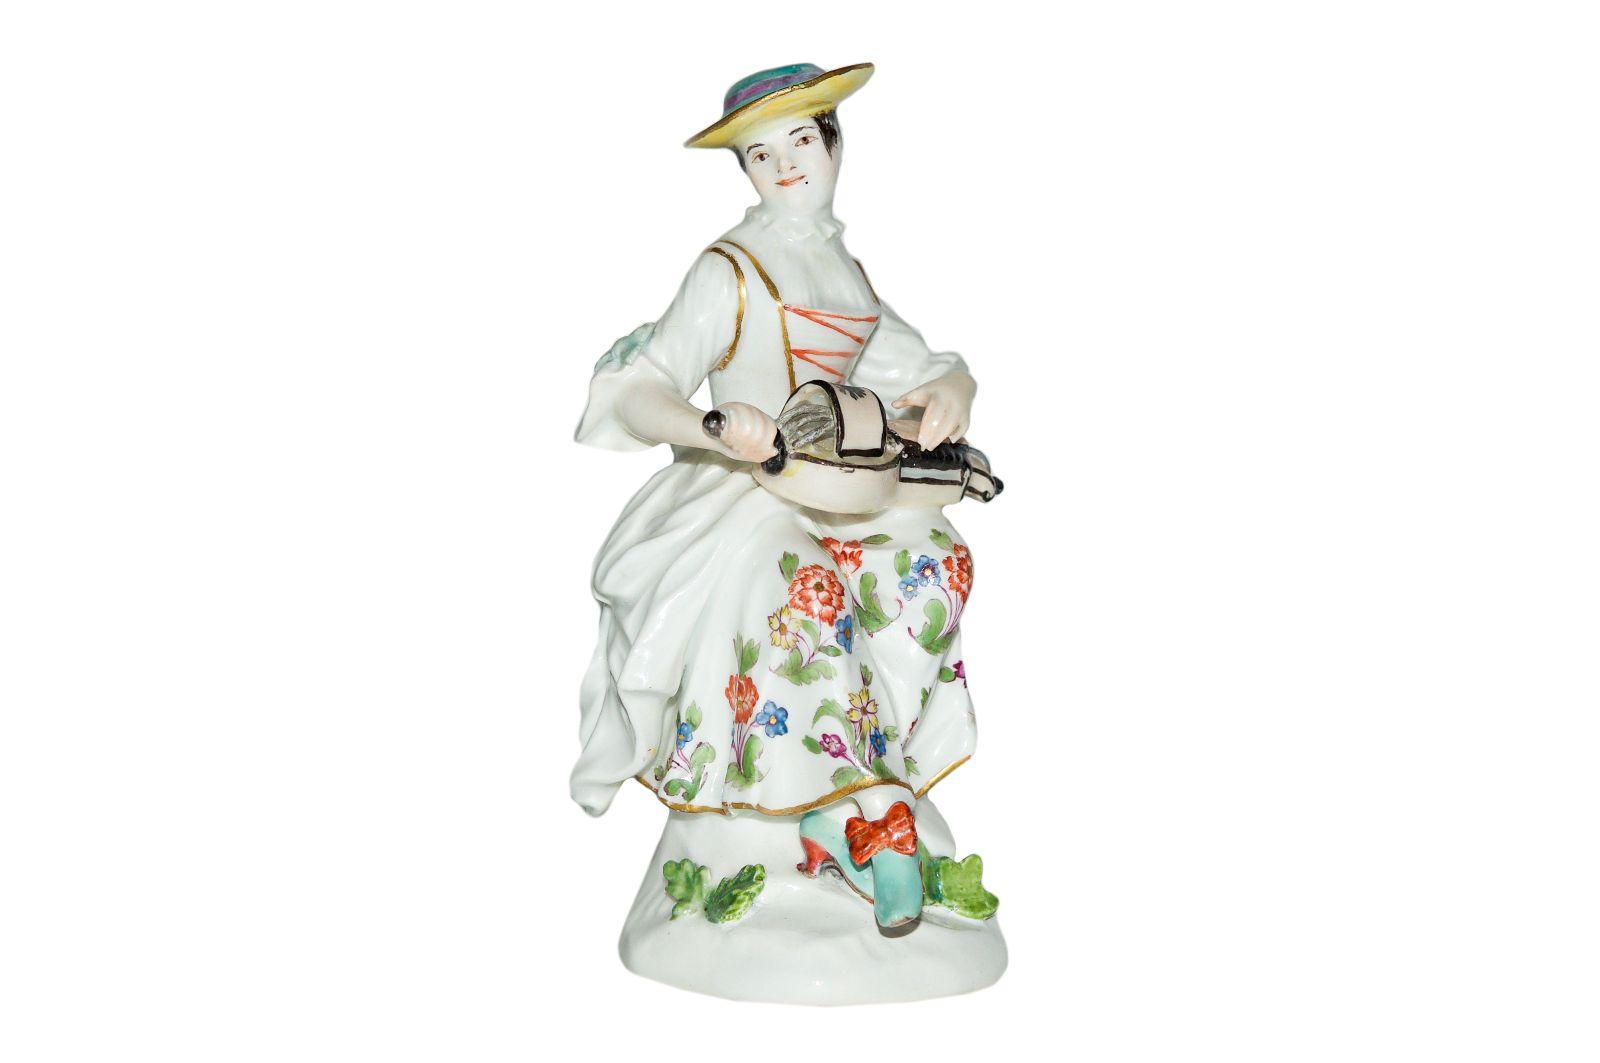 """#199 """"Tyrolean Musician"""", Meissen 1750 Model by Johann Joachim Kaendler    """"Tirolerin mit Drehleier"""" Meissen 1750, Nach einem Entwurf von Johann Joachim Kaendler Image"""